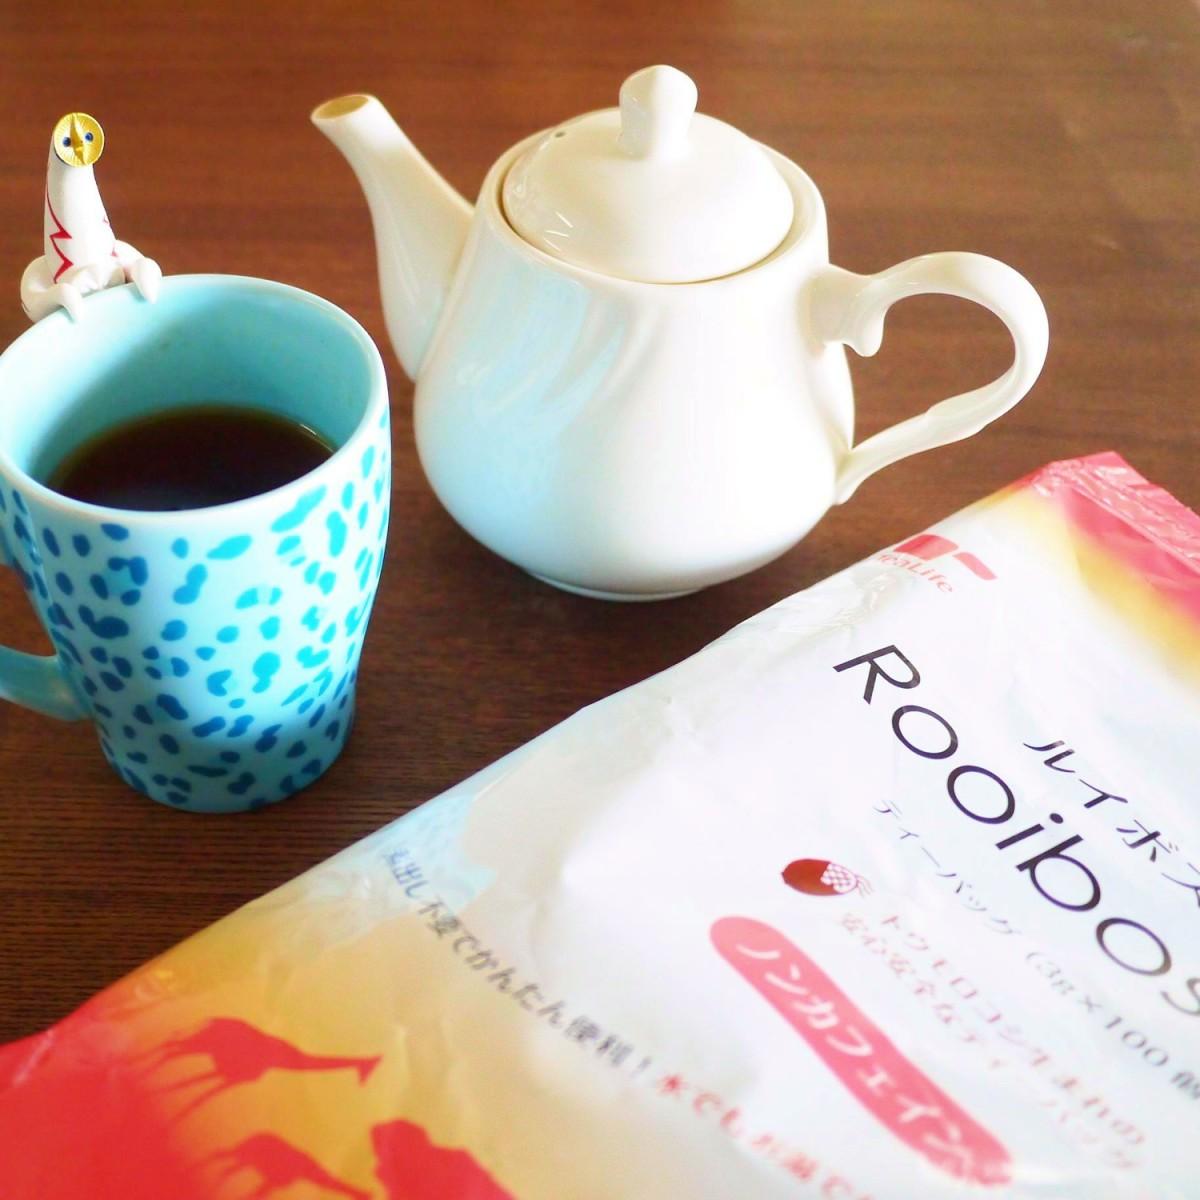 【女子必飲】ビタミンミネラルたっぷり&抗酸化作用もあってノンカフェイン!ルイボスティーがやっぱりすごい!